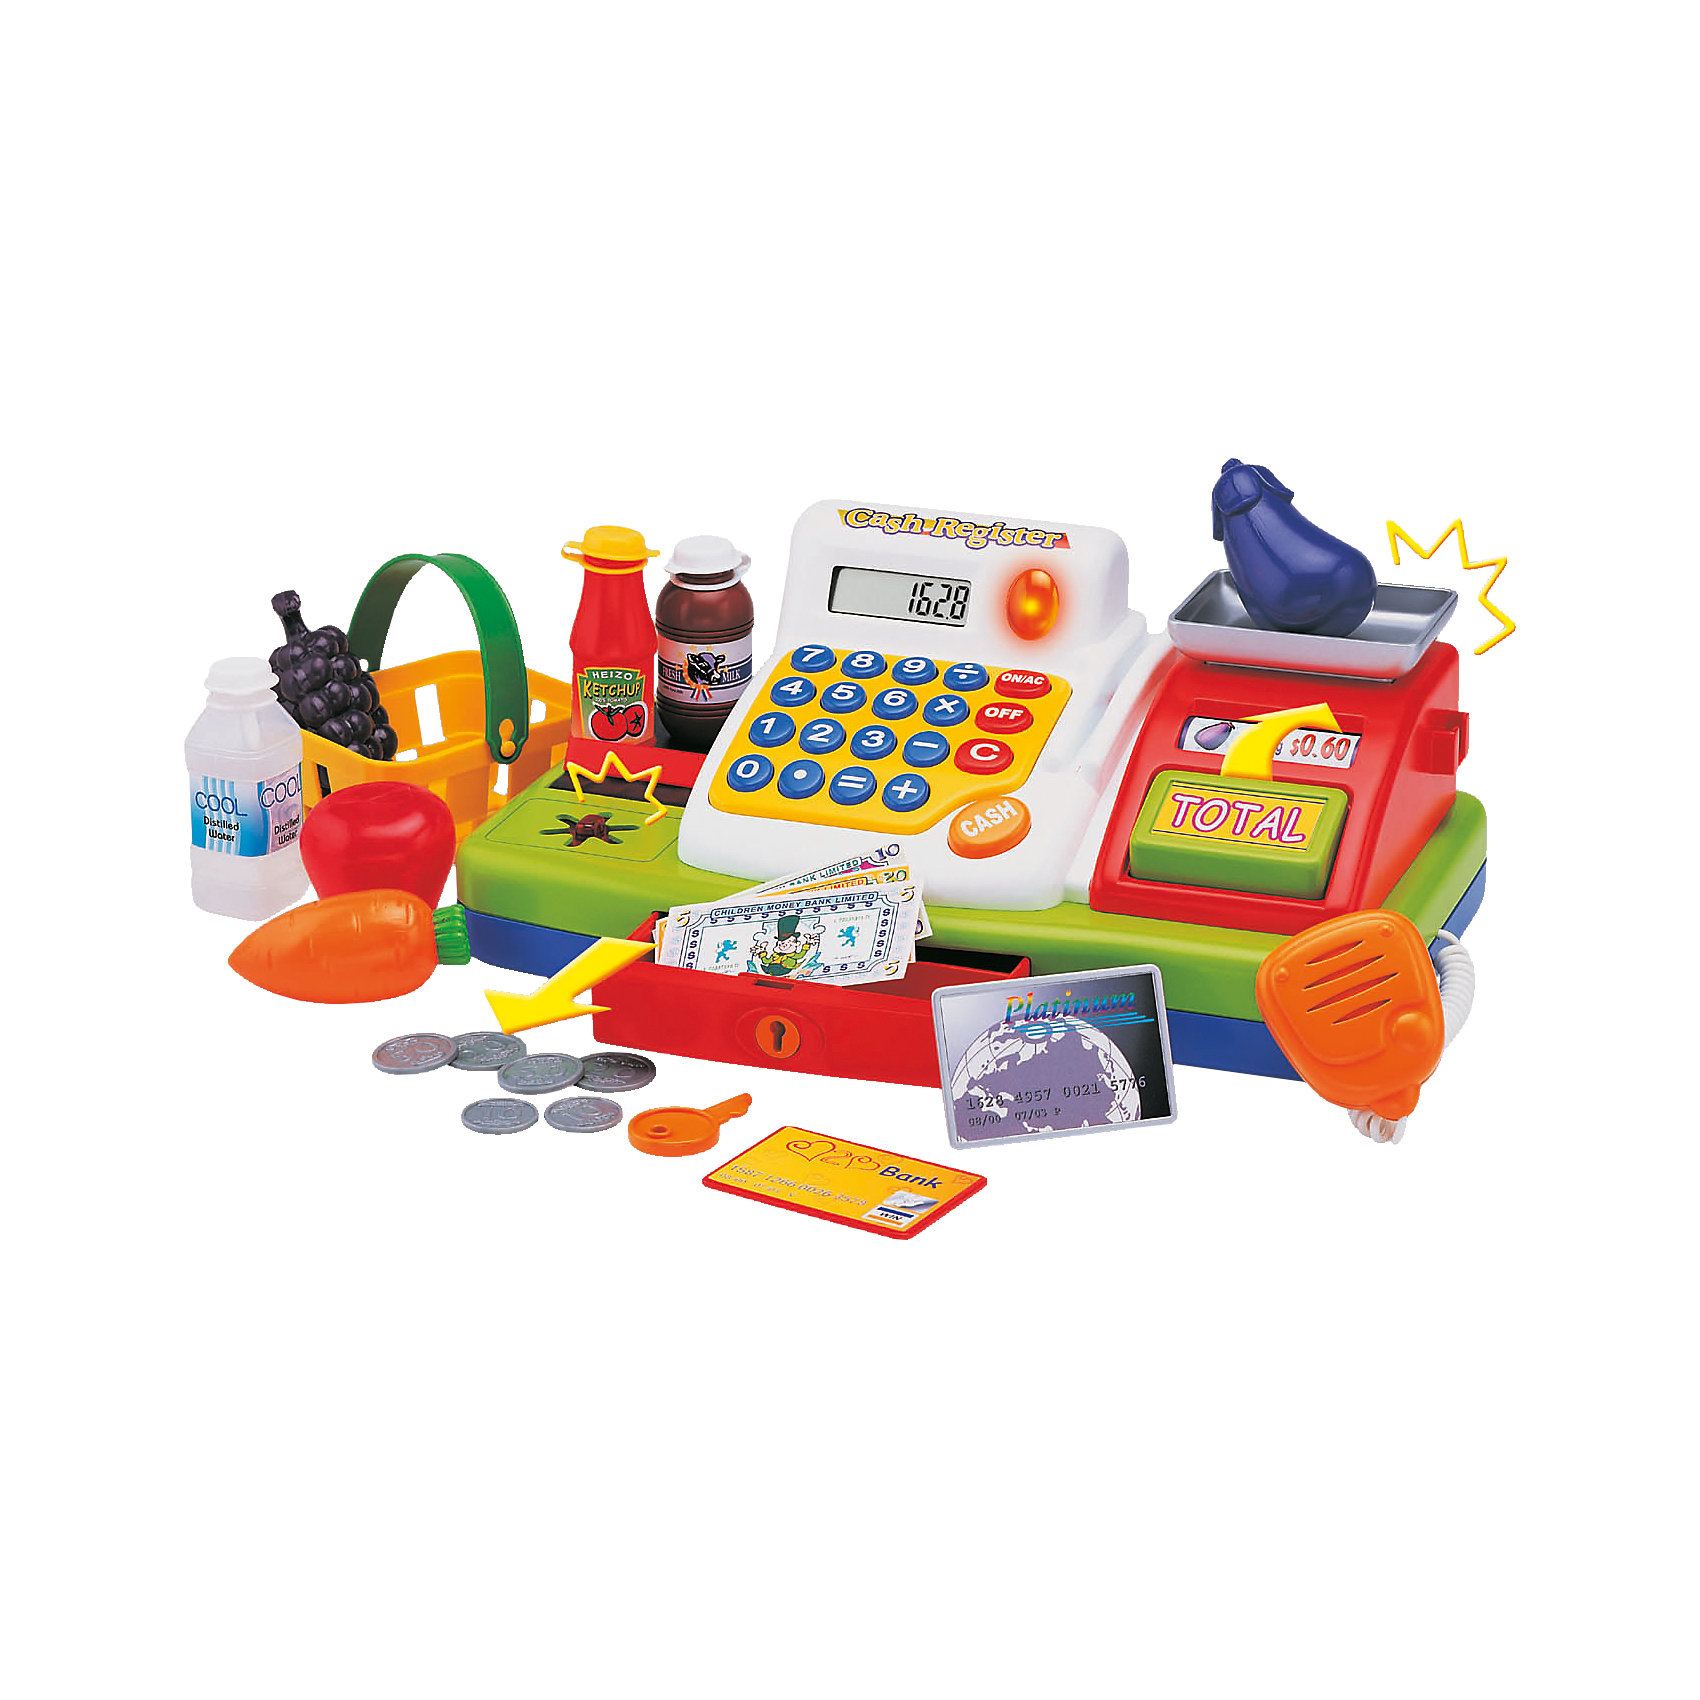 Супермаркет со звуковыми эффектами, KeenwayФирма Keenway (Кинвэй) - известный производитель потрясающих наборов для сюжетно-ролевых игр. Малыши обожают ходить в магазин, с набором Супермаркет от Keenway (Кинвэй) можно создать целый магазин у себя дома. Главной особенностью игрушки является то, что помимо кассового аппарата в наборе есть множество интересных аксессуаров: продукты, корзинка, деньги, лента для продуктов и даже весы для овощей и фруктов. Кассовый аппарат снабжен экраном с функцией калькулятора: обучайте малыша счету играючи! Благодаря замечательному сканеру со светом и звуком маленький кассир быстро обслужит покупателей. Расплачиваться можно денежками и пластиковой картой, для которой в кассе тоже есть отделение.  Денежки можно складывать в выдвигающийся ящичек, который закрывается на ключик. Собирайте друзей и играйте в супермаркет с помощью замечательного набора от Keenway (Кинвэй)!<br><br>Дополнительная информация: <br><br>- В комплекте: кассовый аппарат, весы, муляжи продуктов, корзина для покупок, игрушечные деньги и банковская карта;<br>- Функция калькулятора;<br>- Звуковые эффекты;<br>- Дорожка для кредитки;<br>- Звуковой сканер;<br>- Потрясающий подарок;<br>- Тип батареек: 2 батарейки типа АА (в комплекте);<br>- Размер упаковки: 20,3 х 40,6 х 17,8 см;<br>- Вес: 1,3 кг<br><br>Набор Супермаркет, Keenway (Кинвэй) можно купить в нашем интернет-магазине<br><br>Ширина мм: 203<br>Глубина мм: 406<br>Высота мм: 178<br>Вес г: 1330<br>Возраст от месяцев: 36<br>Возраст до месяцев: 84<br>Пол: Женский<br>Возраст: Детский<br>SKU: 4001681